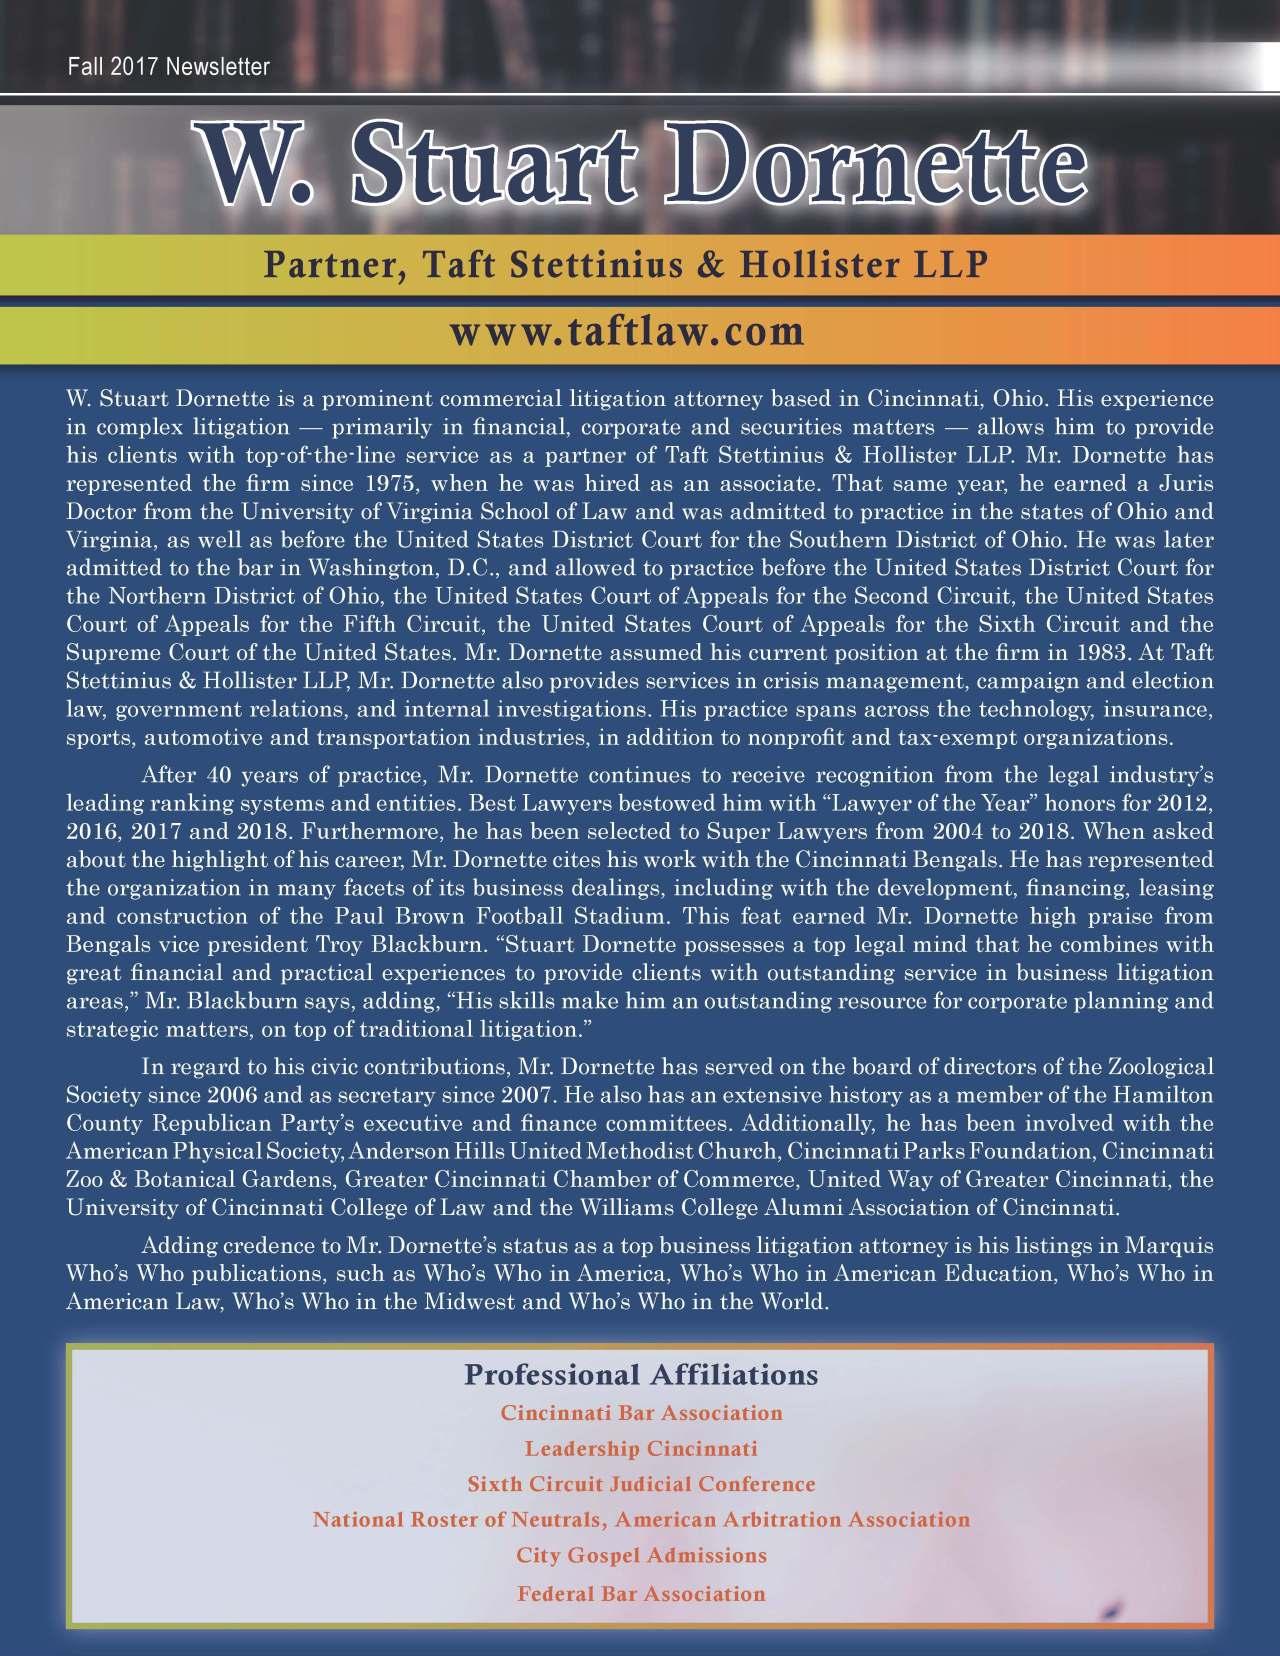 Dornette, W Stuart 3681516_411581 Newsletter